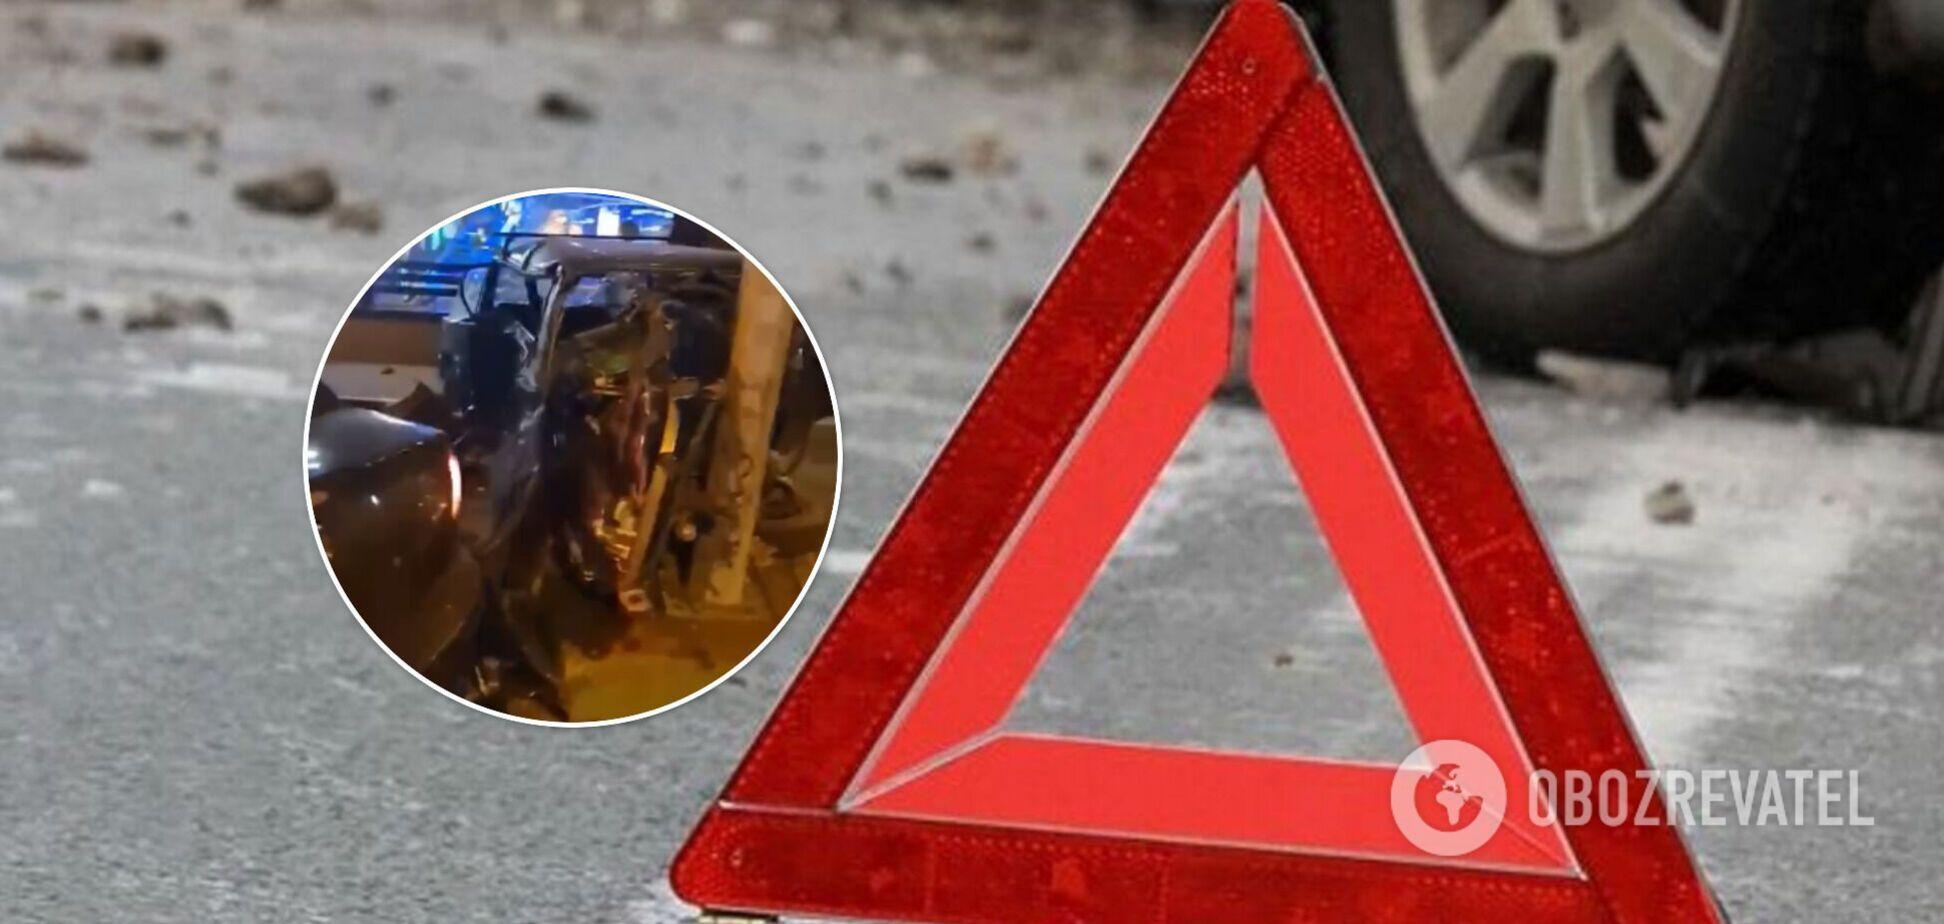 Під Одесою водії влаштували 'нічні гонки': 16-річна пасажирка серйозно постраждала. Відео